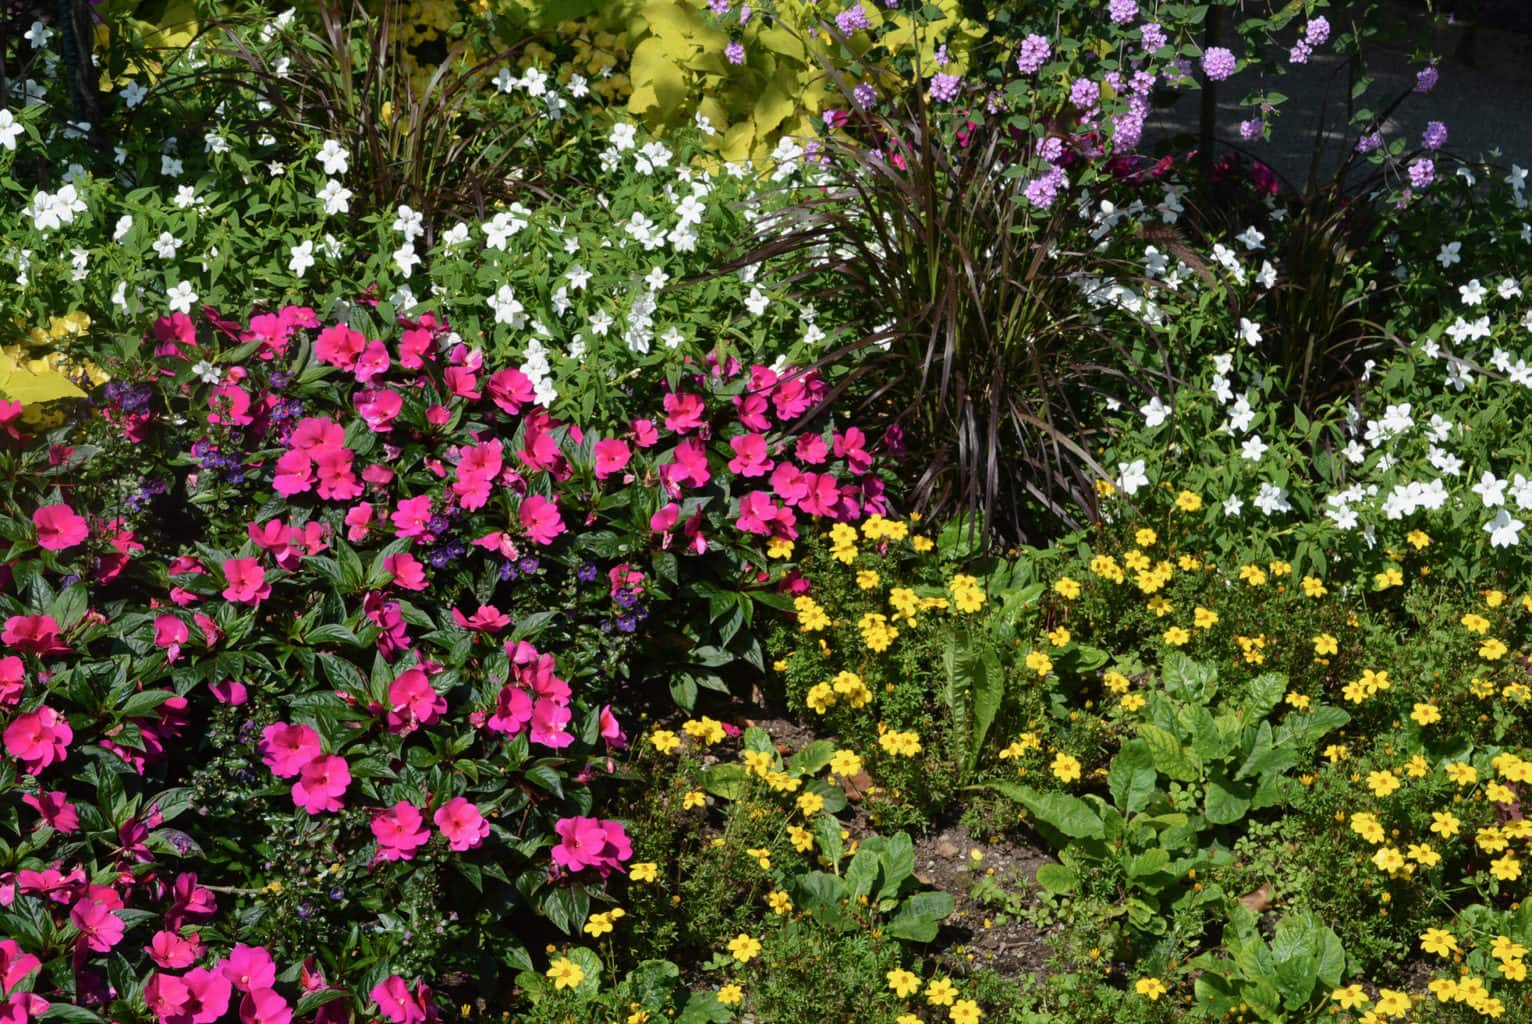 Bloemenbed in Mainau een van de mooiste parken van Duitsland